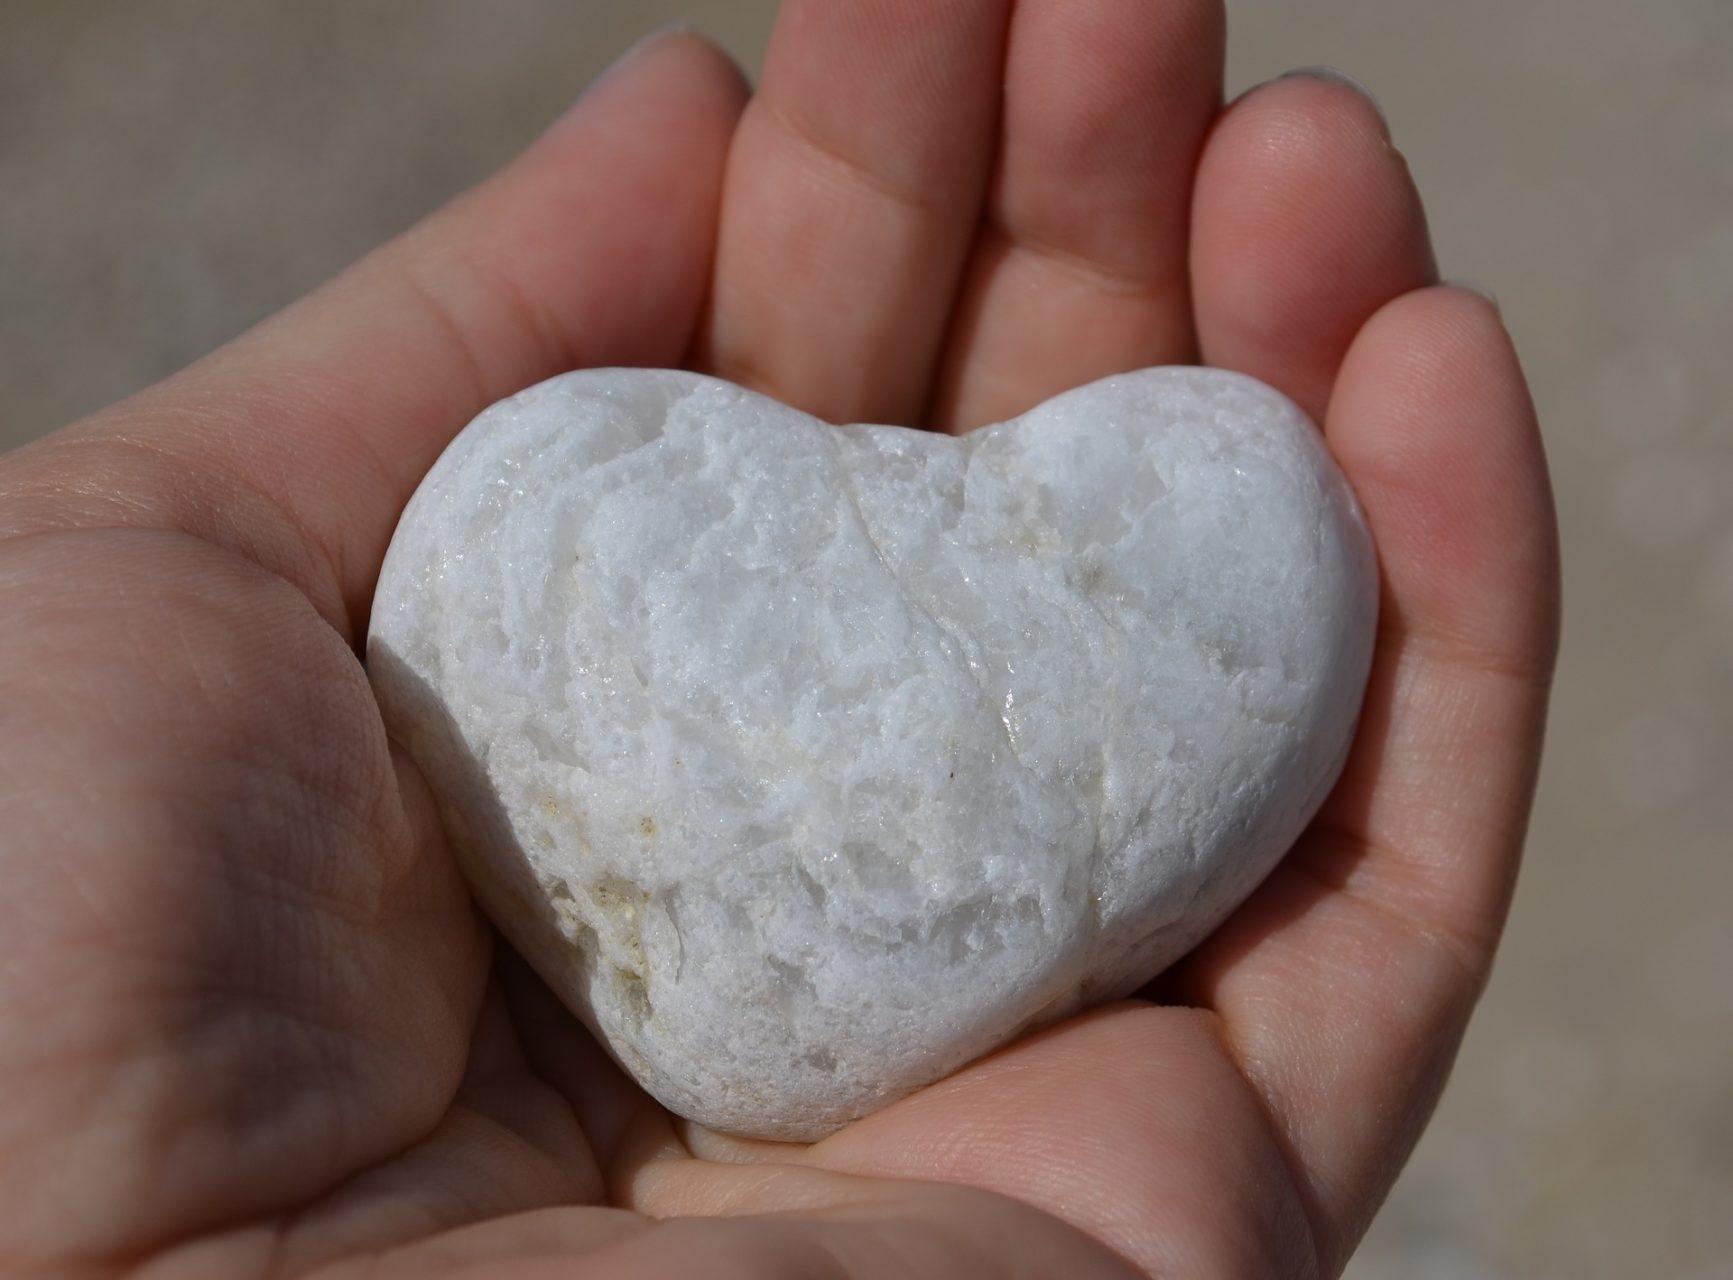 Welke rol kan massage spelen bij het verbinden van hoofd en hart?